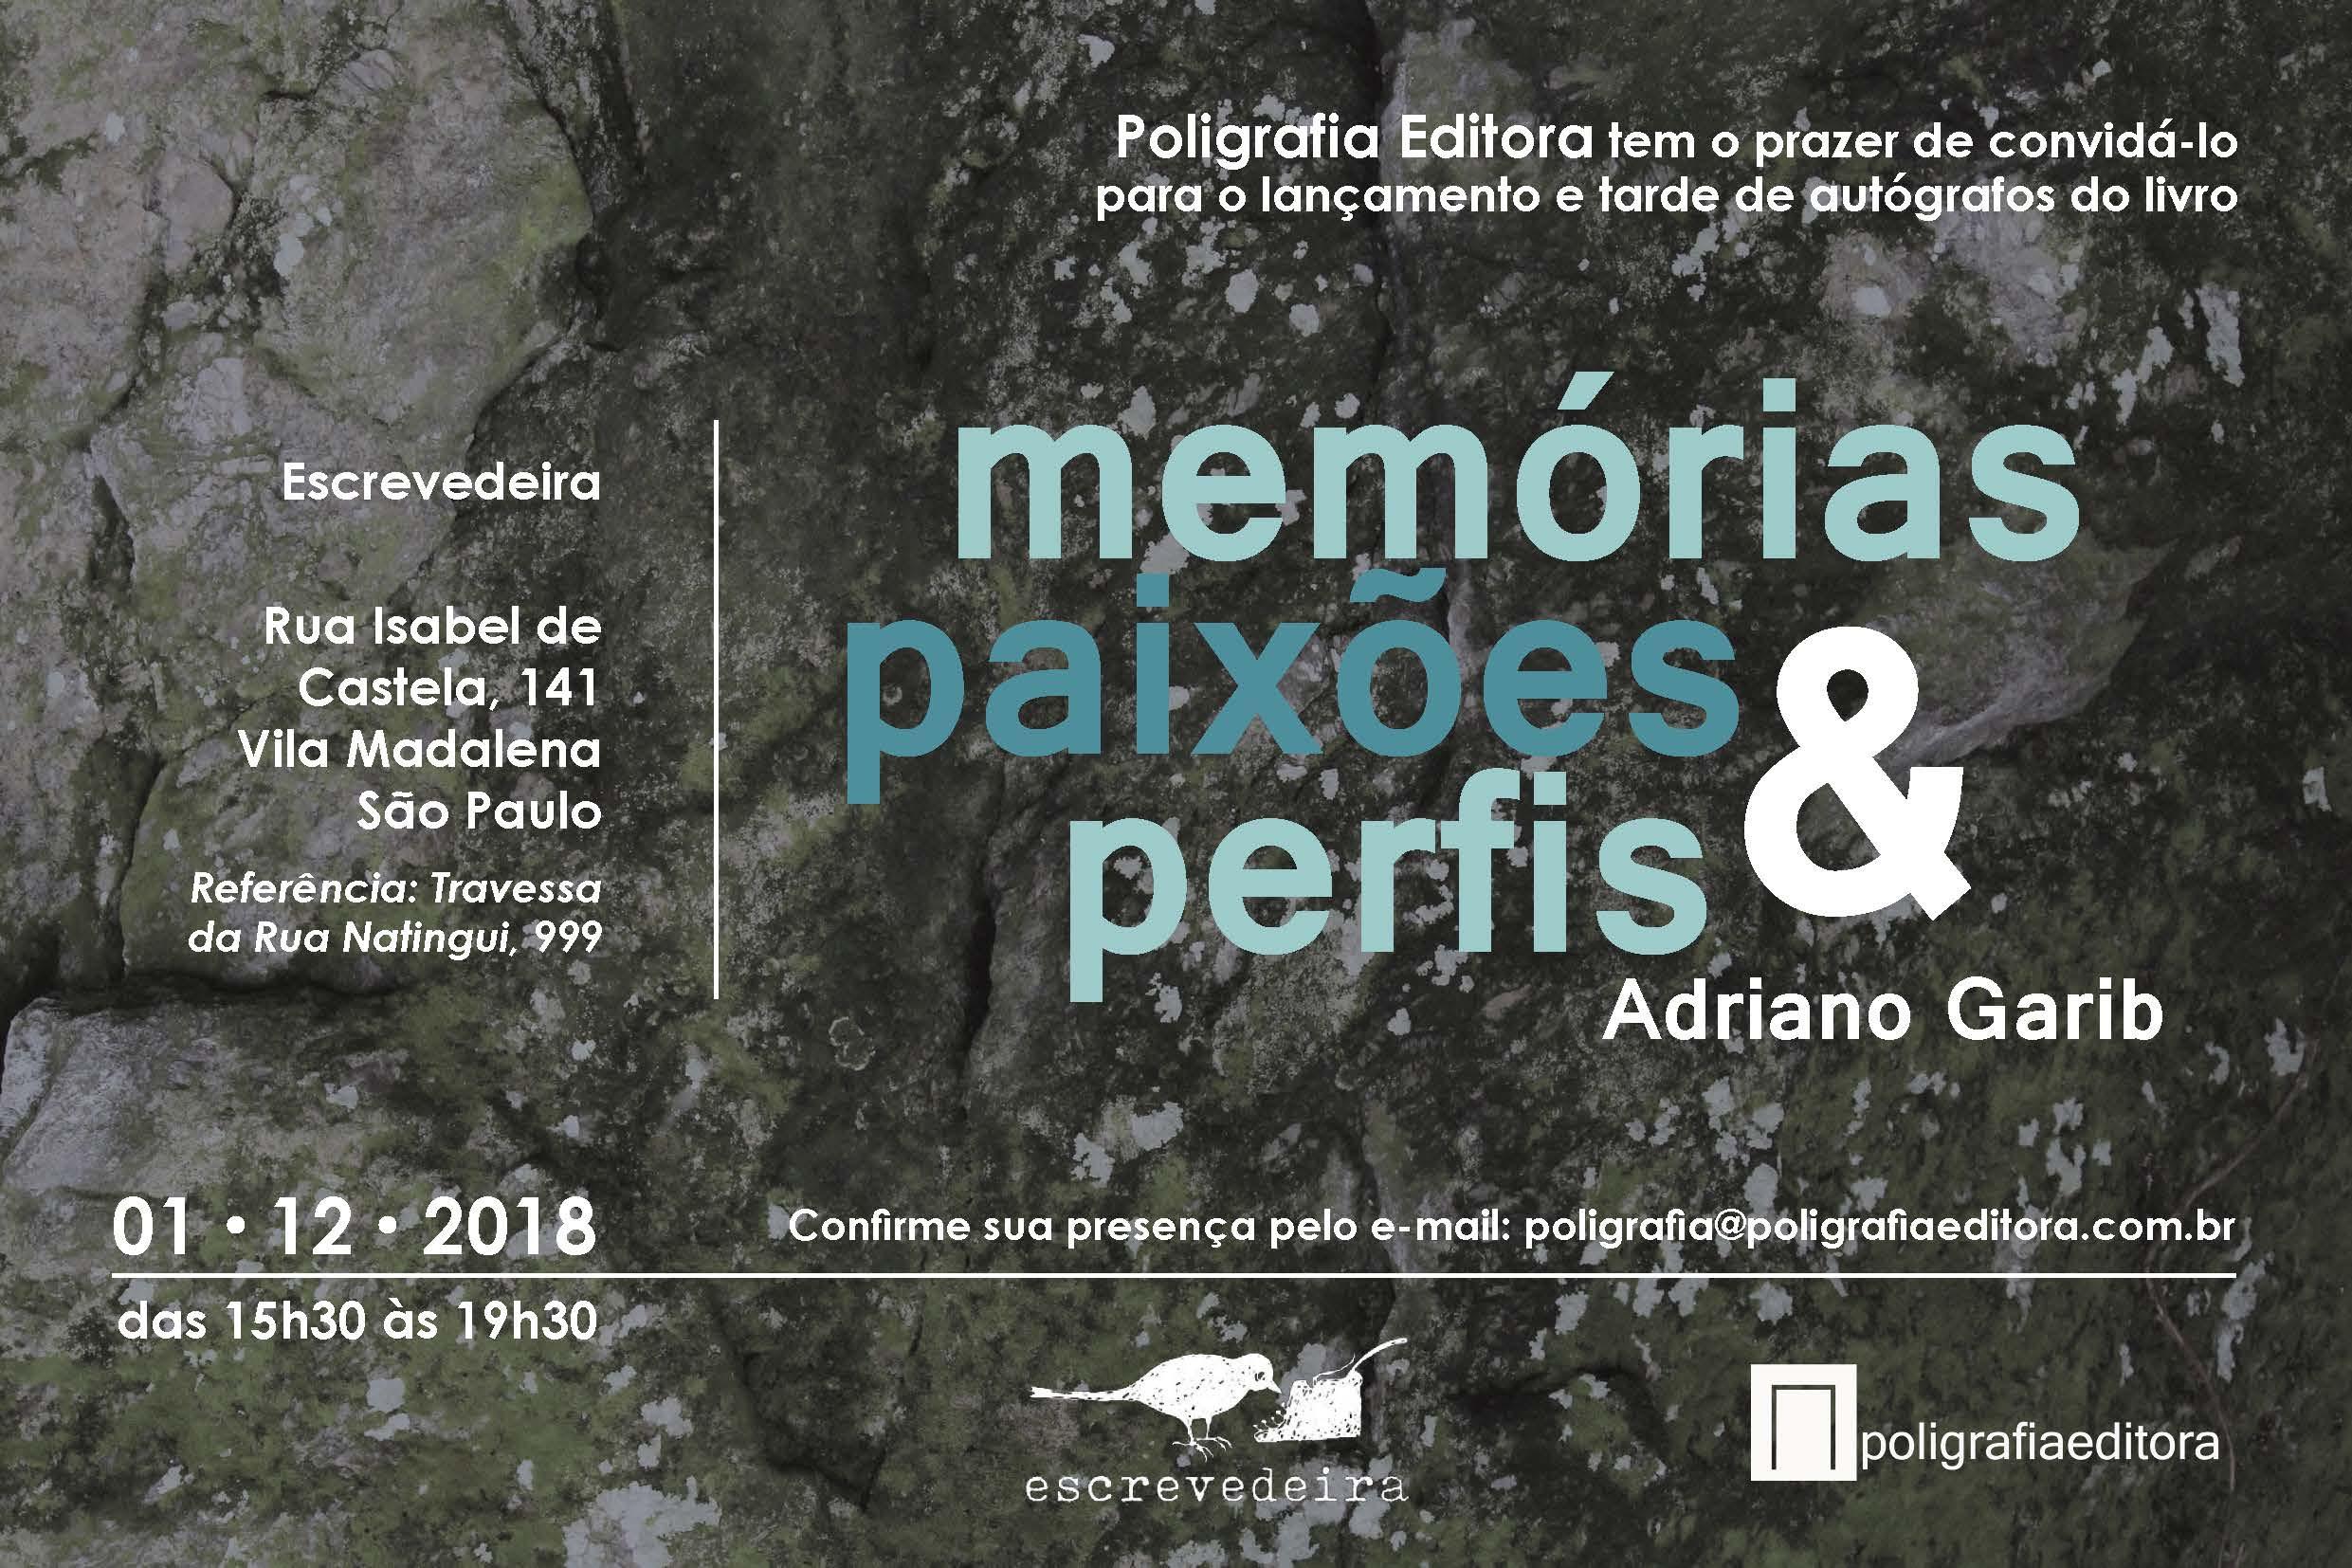 """Escritor e ator Adriano Garib lança livro """"Memórias, paixões e perfis"""" no dia 1/12, na Escrevedeira, em São Paulo"""